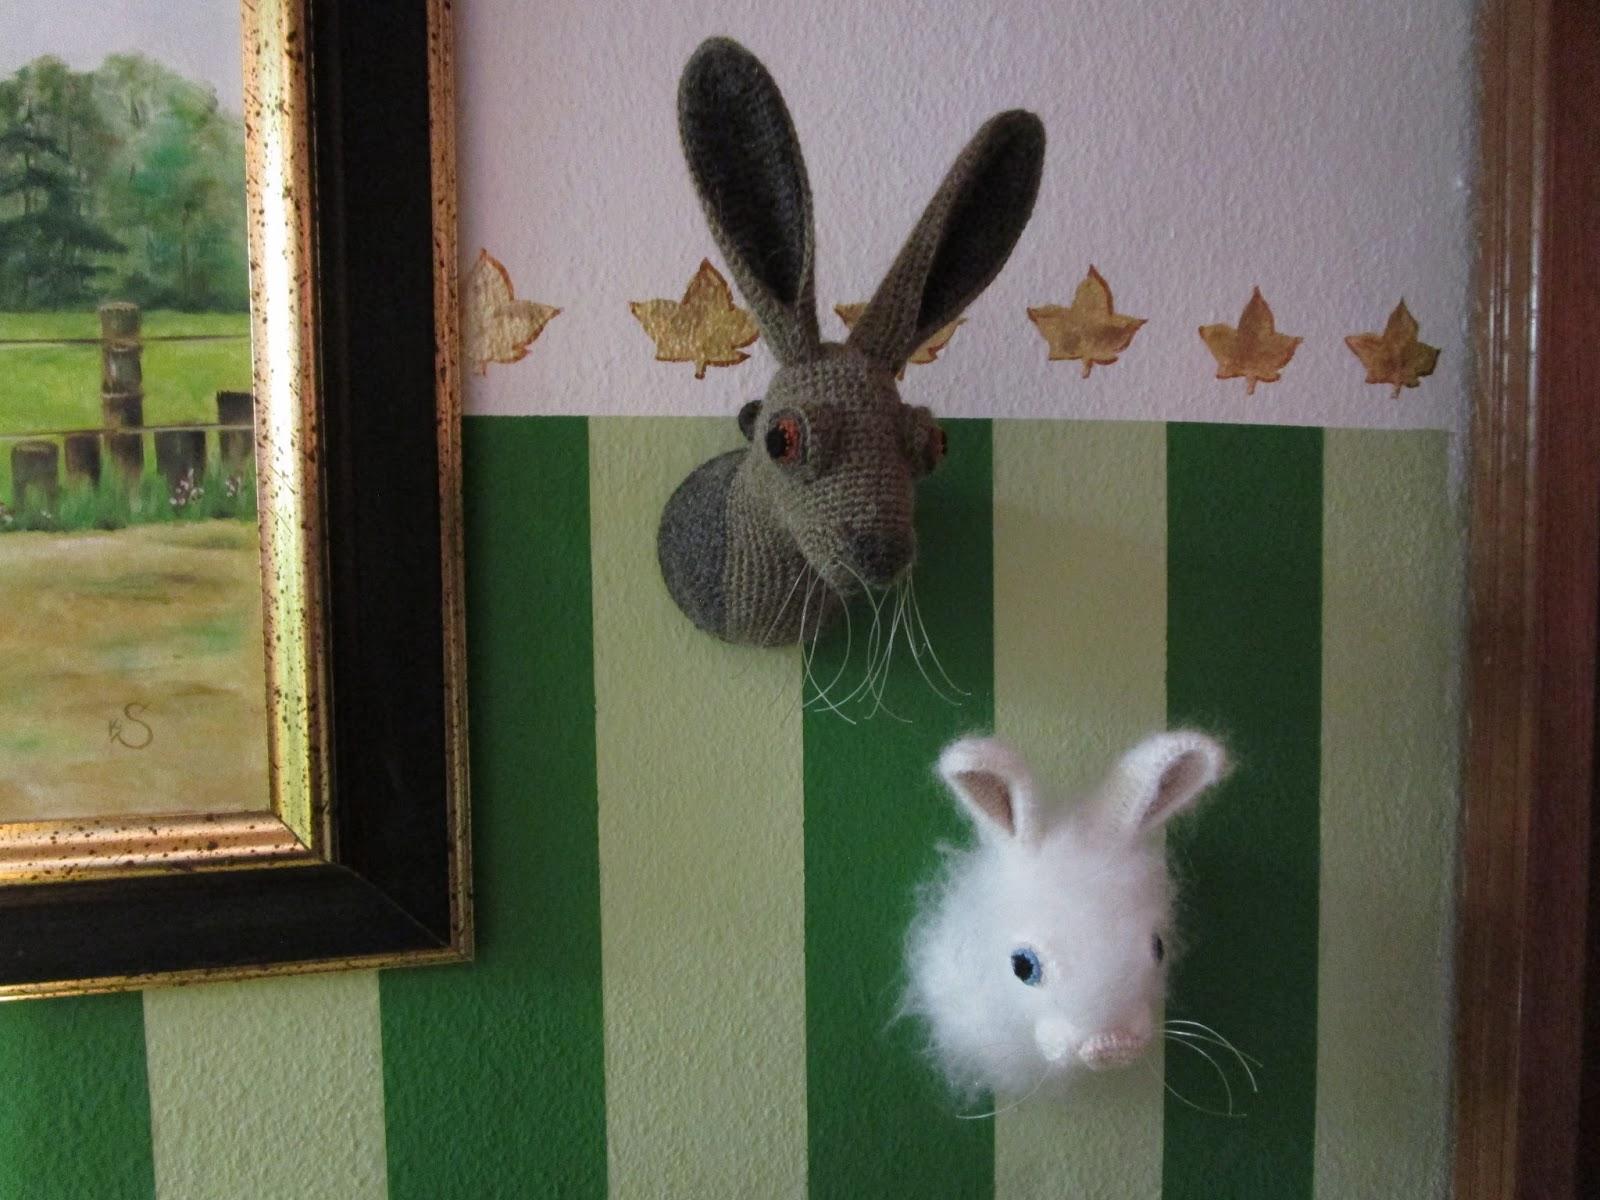 BetsyBoo: Das weiße Kaninchen